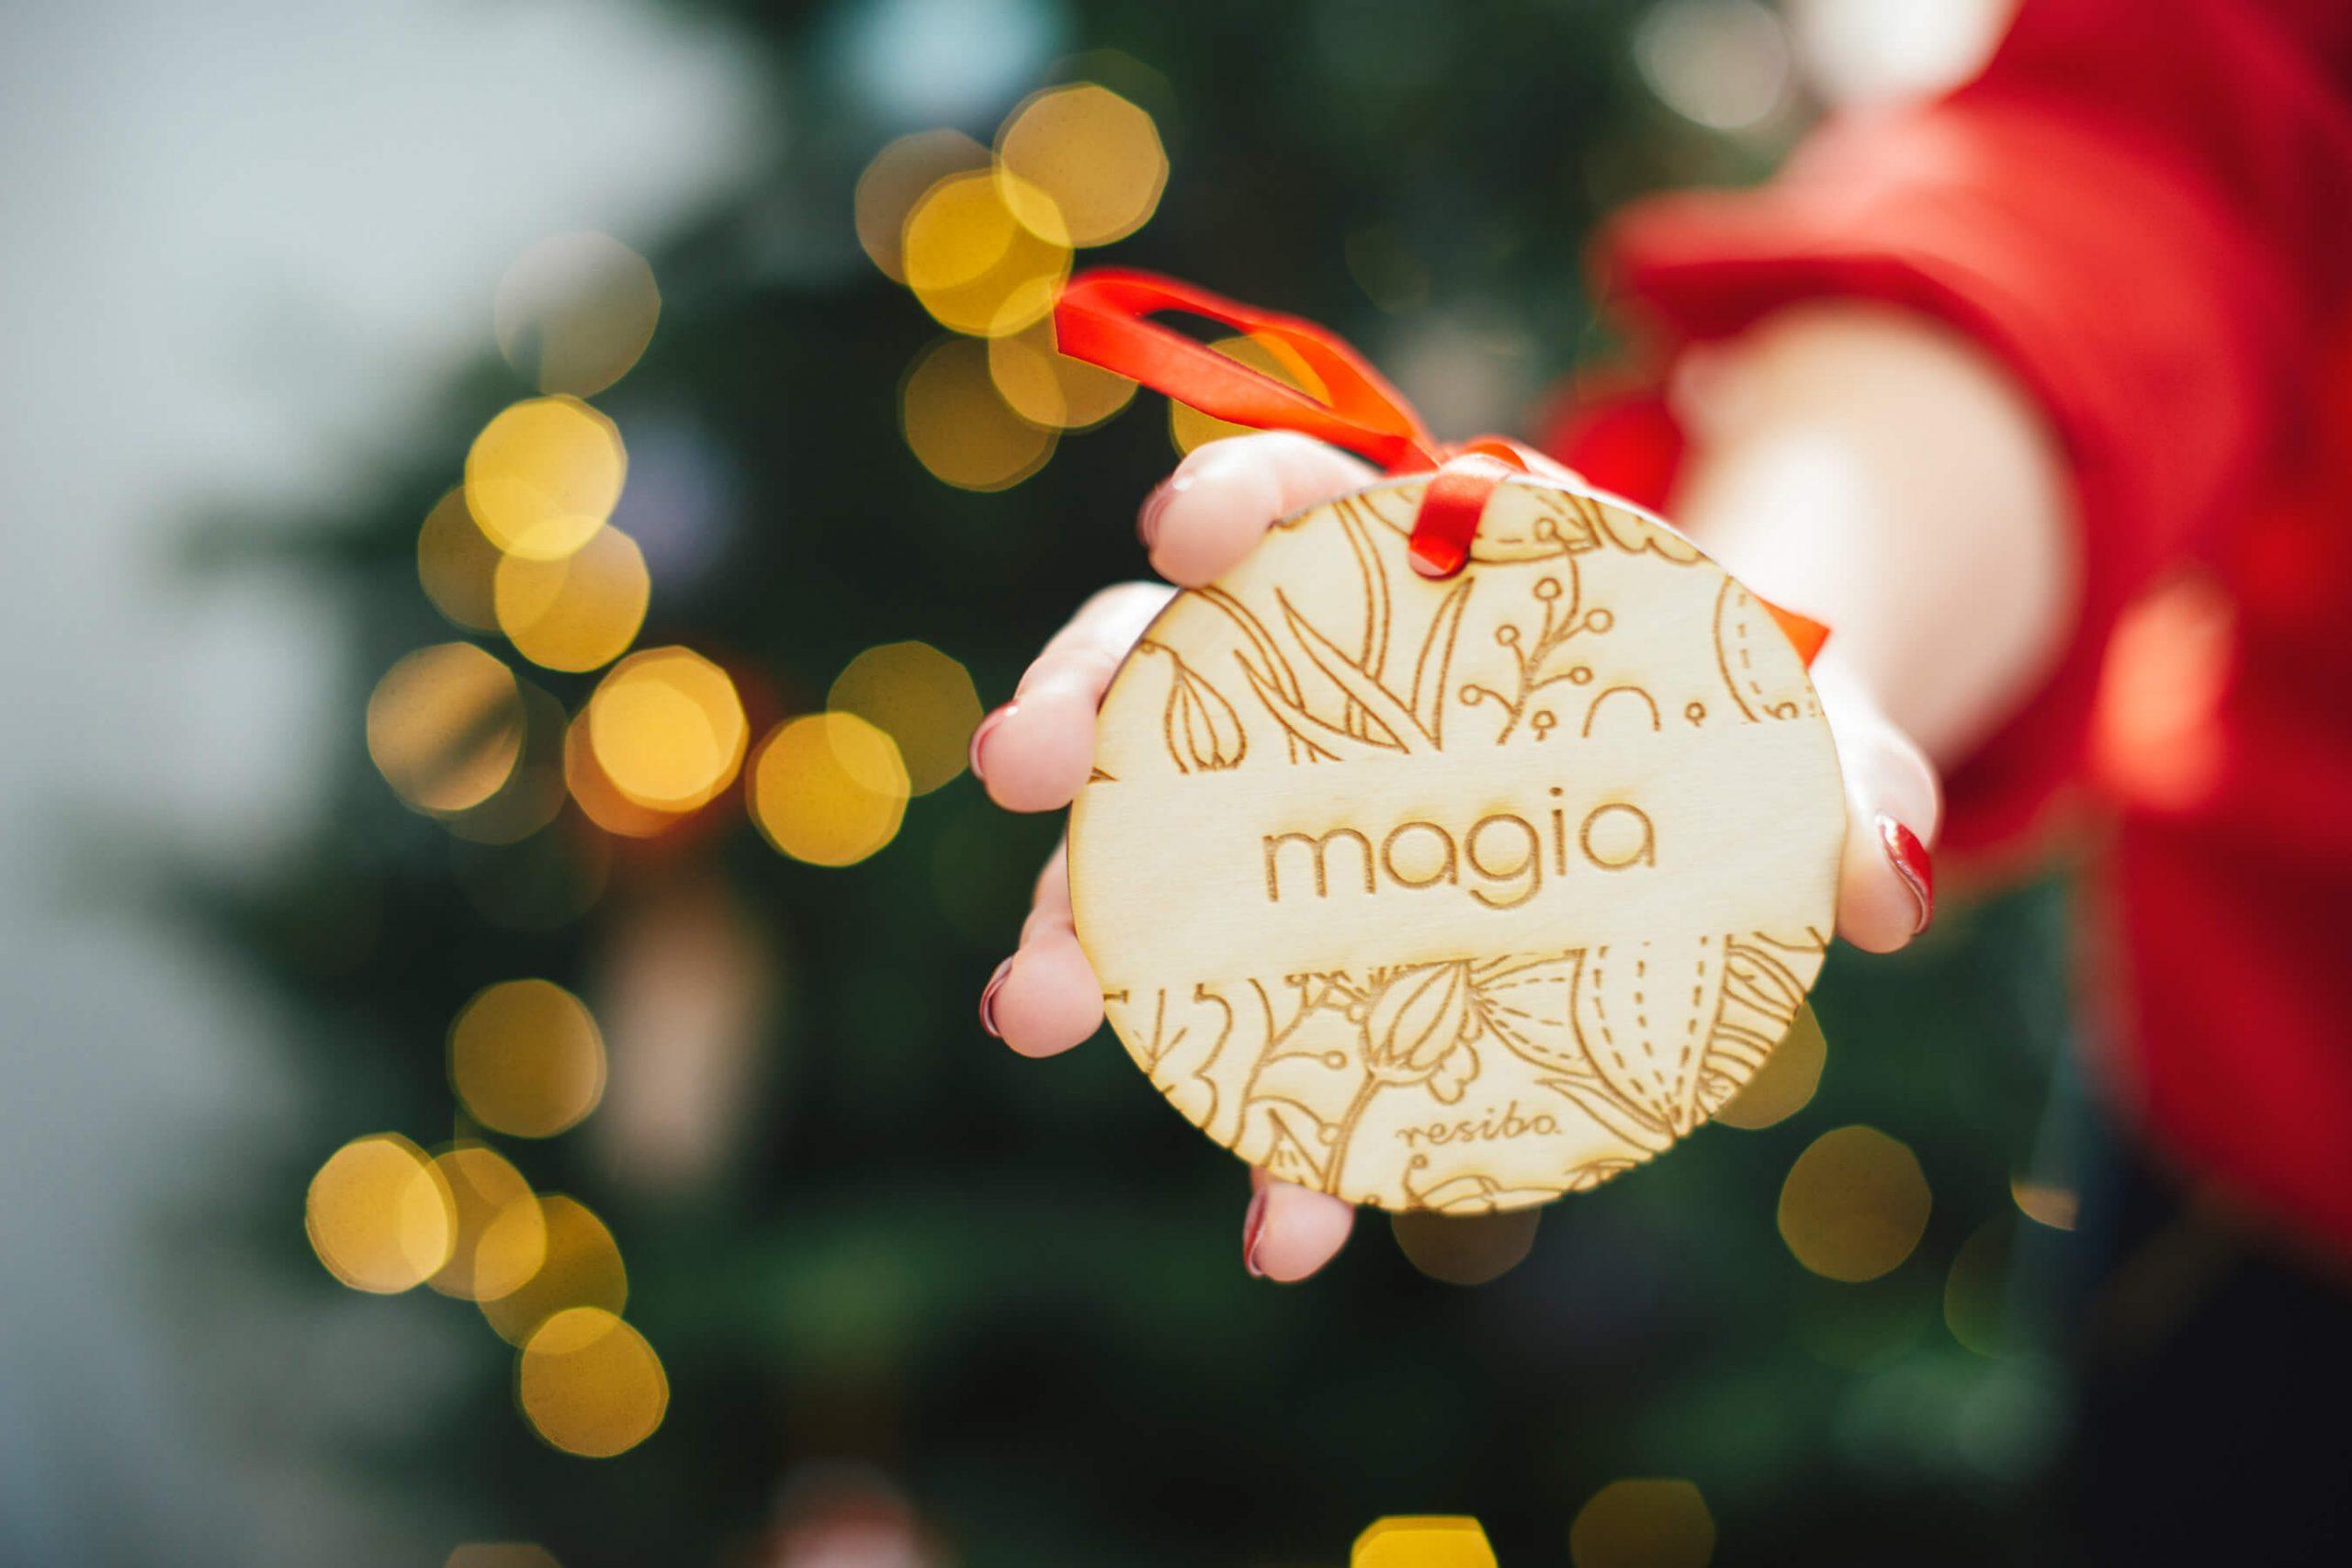 resibo drewniana ozdoba choinkowa z wypalonym napisem magia na tle choinki